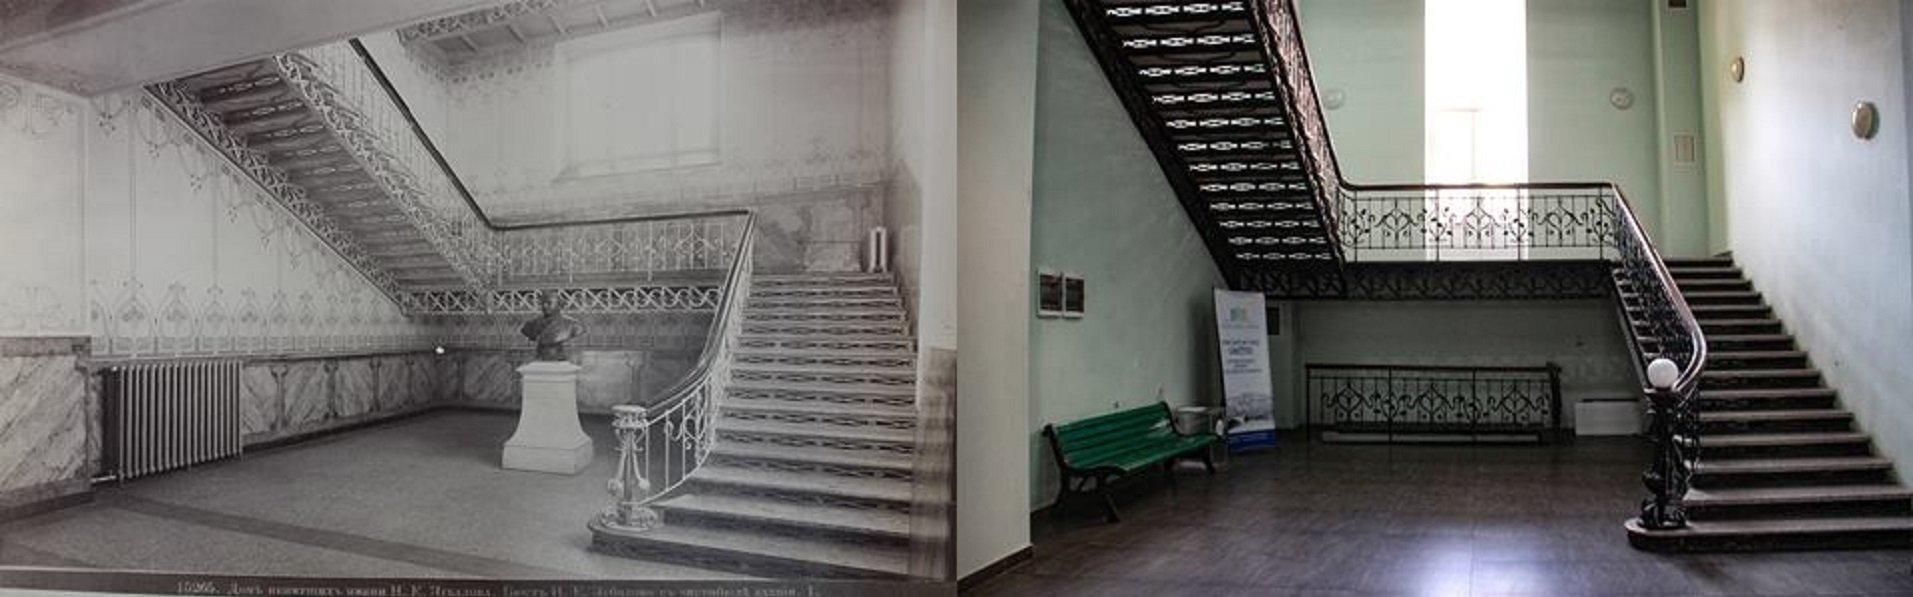 Дом неимущих имени Зубалова, главная лестница - тогда и сейчас